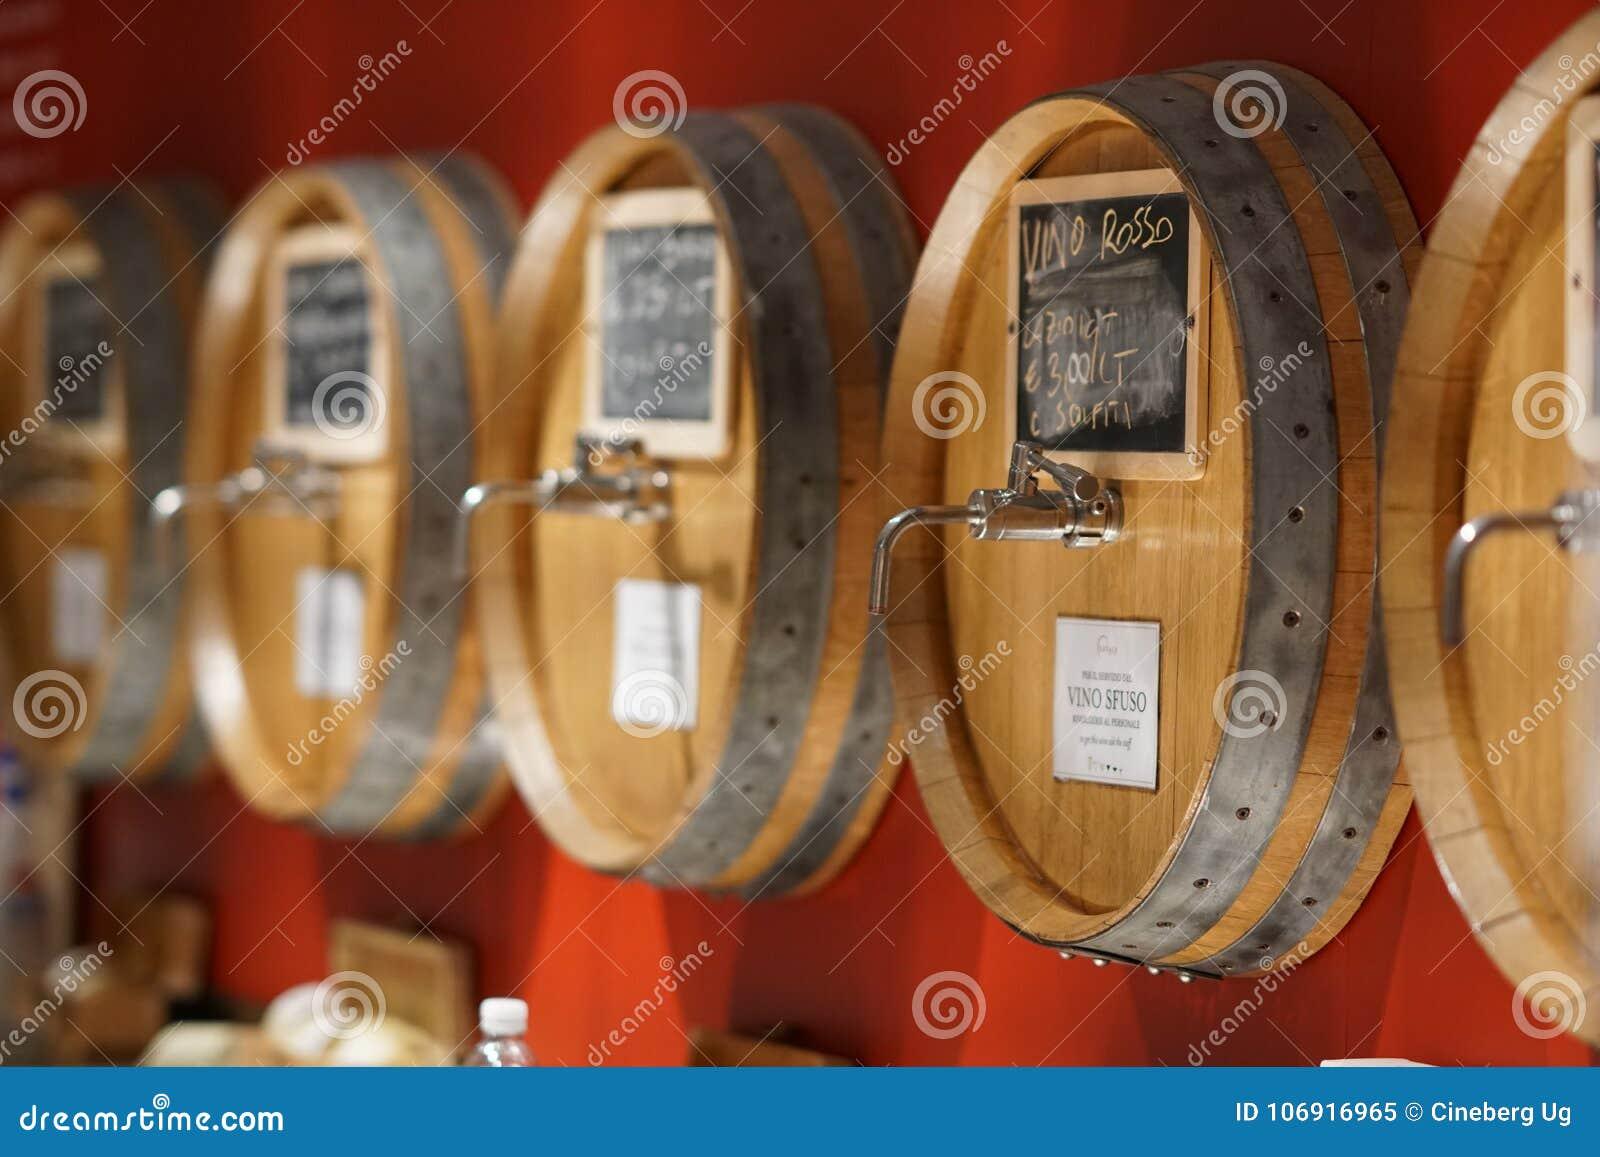 Baryłki czerwone wino